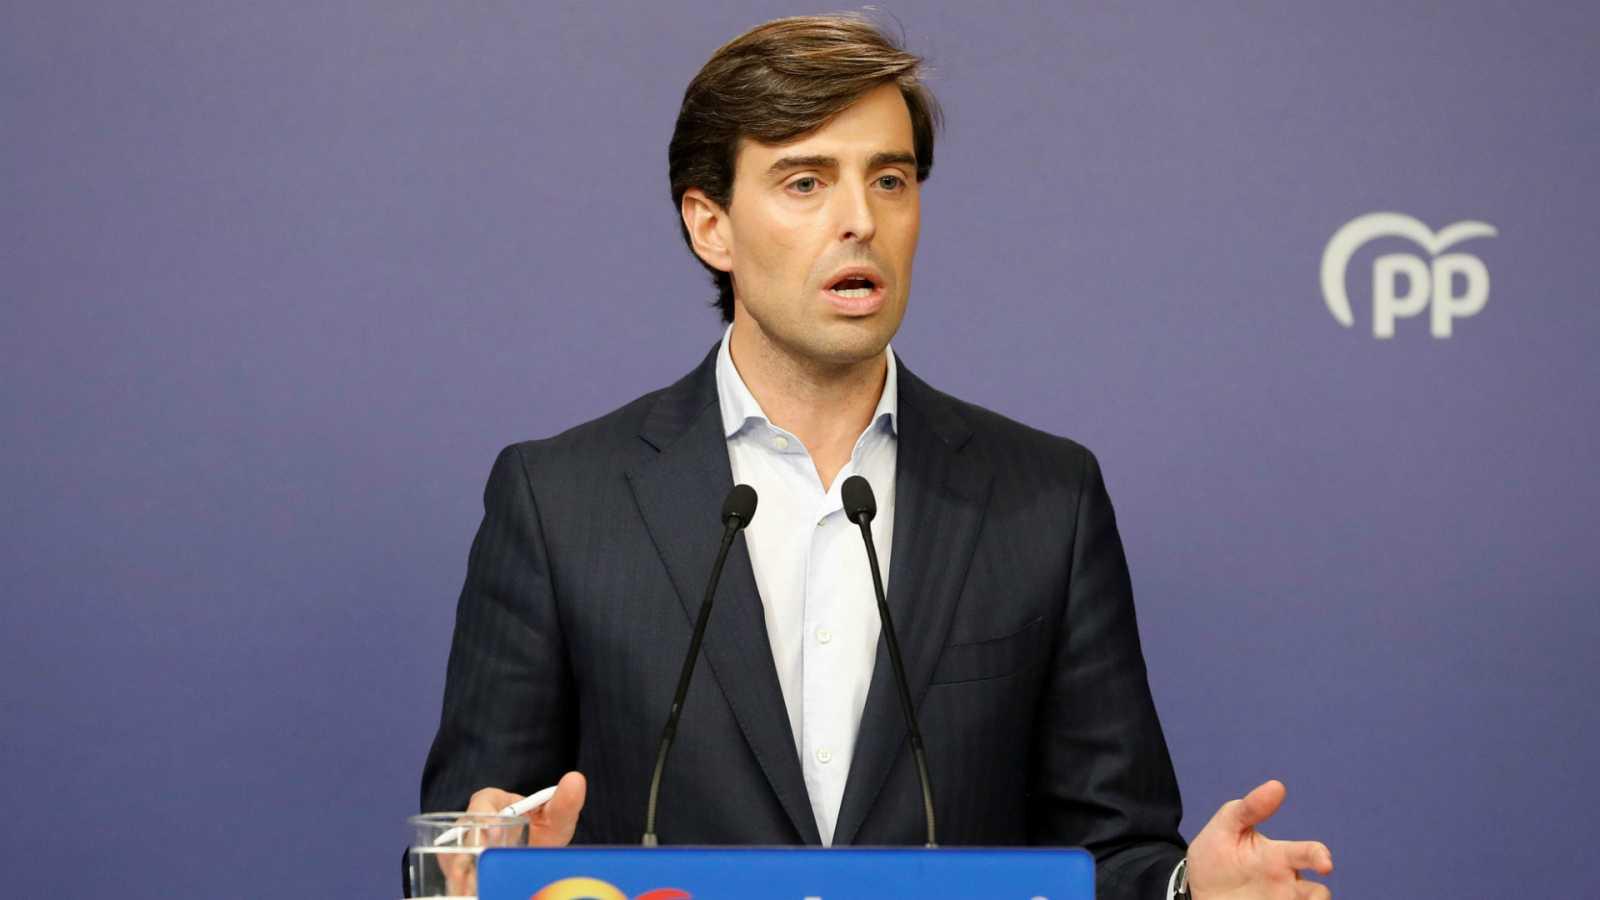 """Las mañanas de RNE con Íñigo Alfonso - Pablo Montesinos: """"Pedro Sánchez no cuenta con el principal partido de la oposición"""" - Escuchar ahora"""